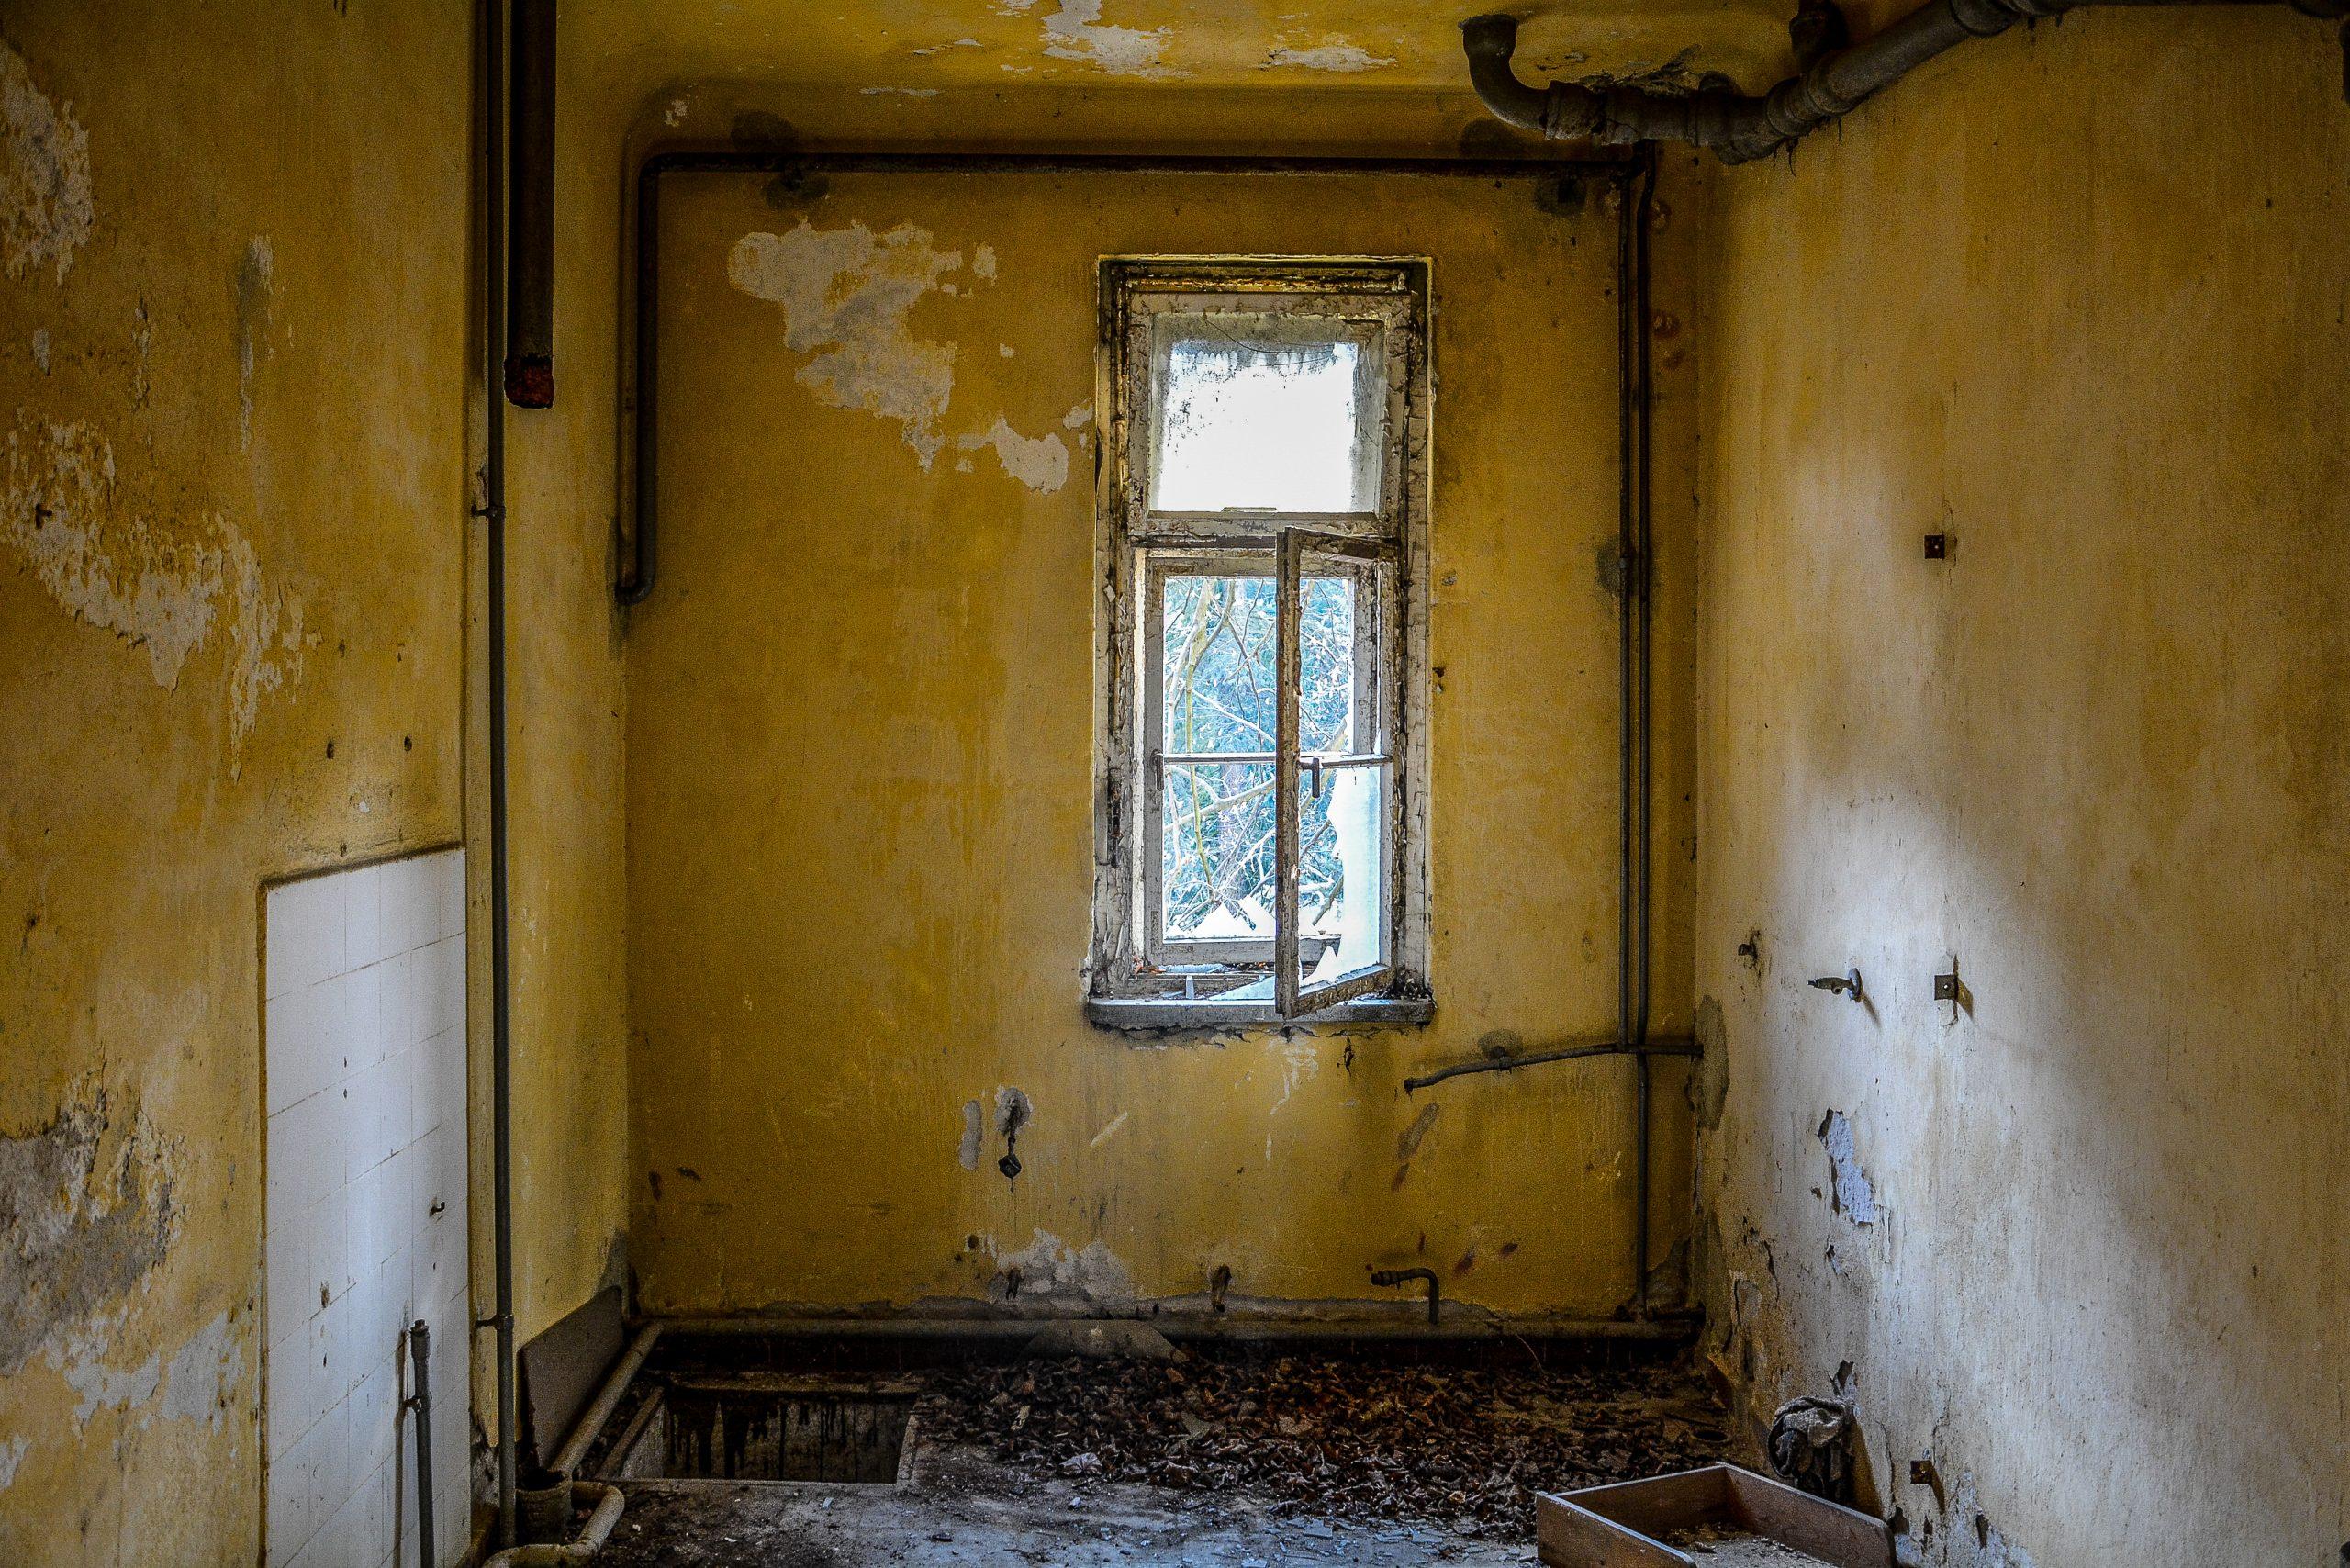 yellow room gelbes zimmer forst zinna adolf hitler lager luckenwalde juterbog sowjet kaserne soviet military barracks germany lost places urbex abandoned